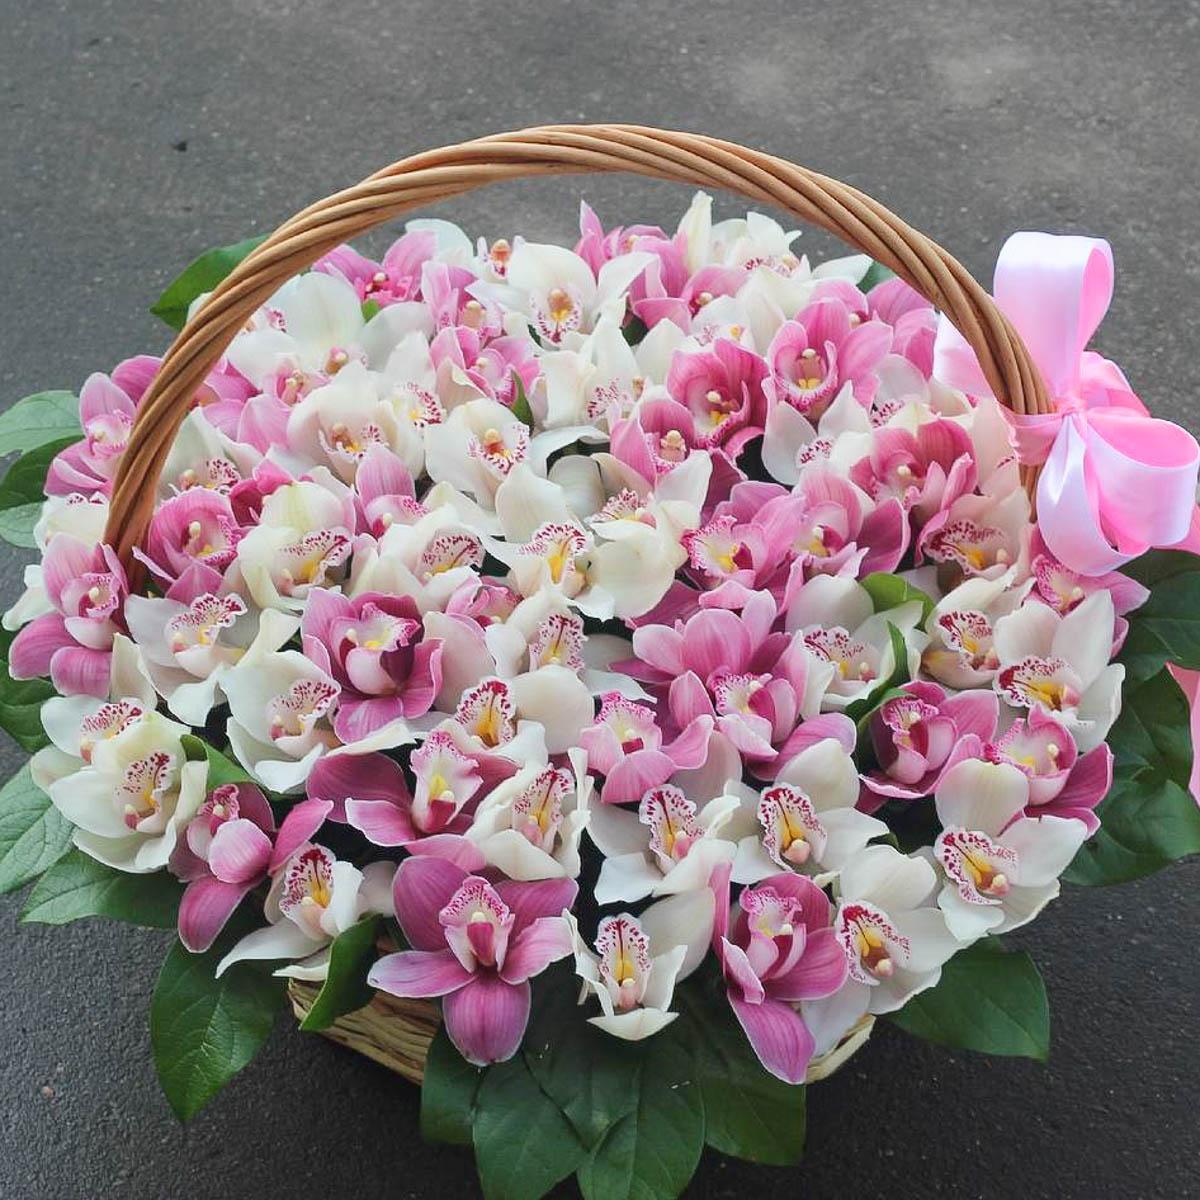 натуральный красивый букет орхидей фото на день рождения целая цепочка событий